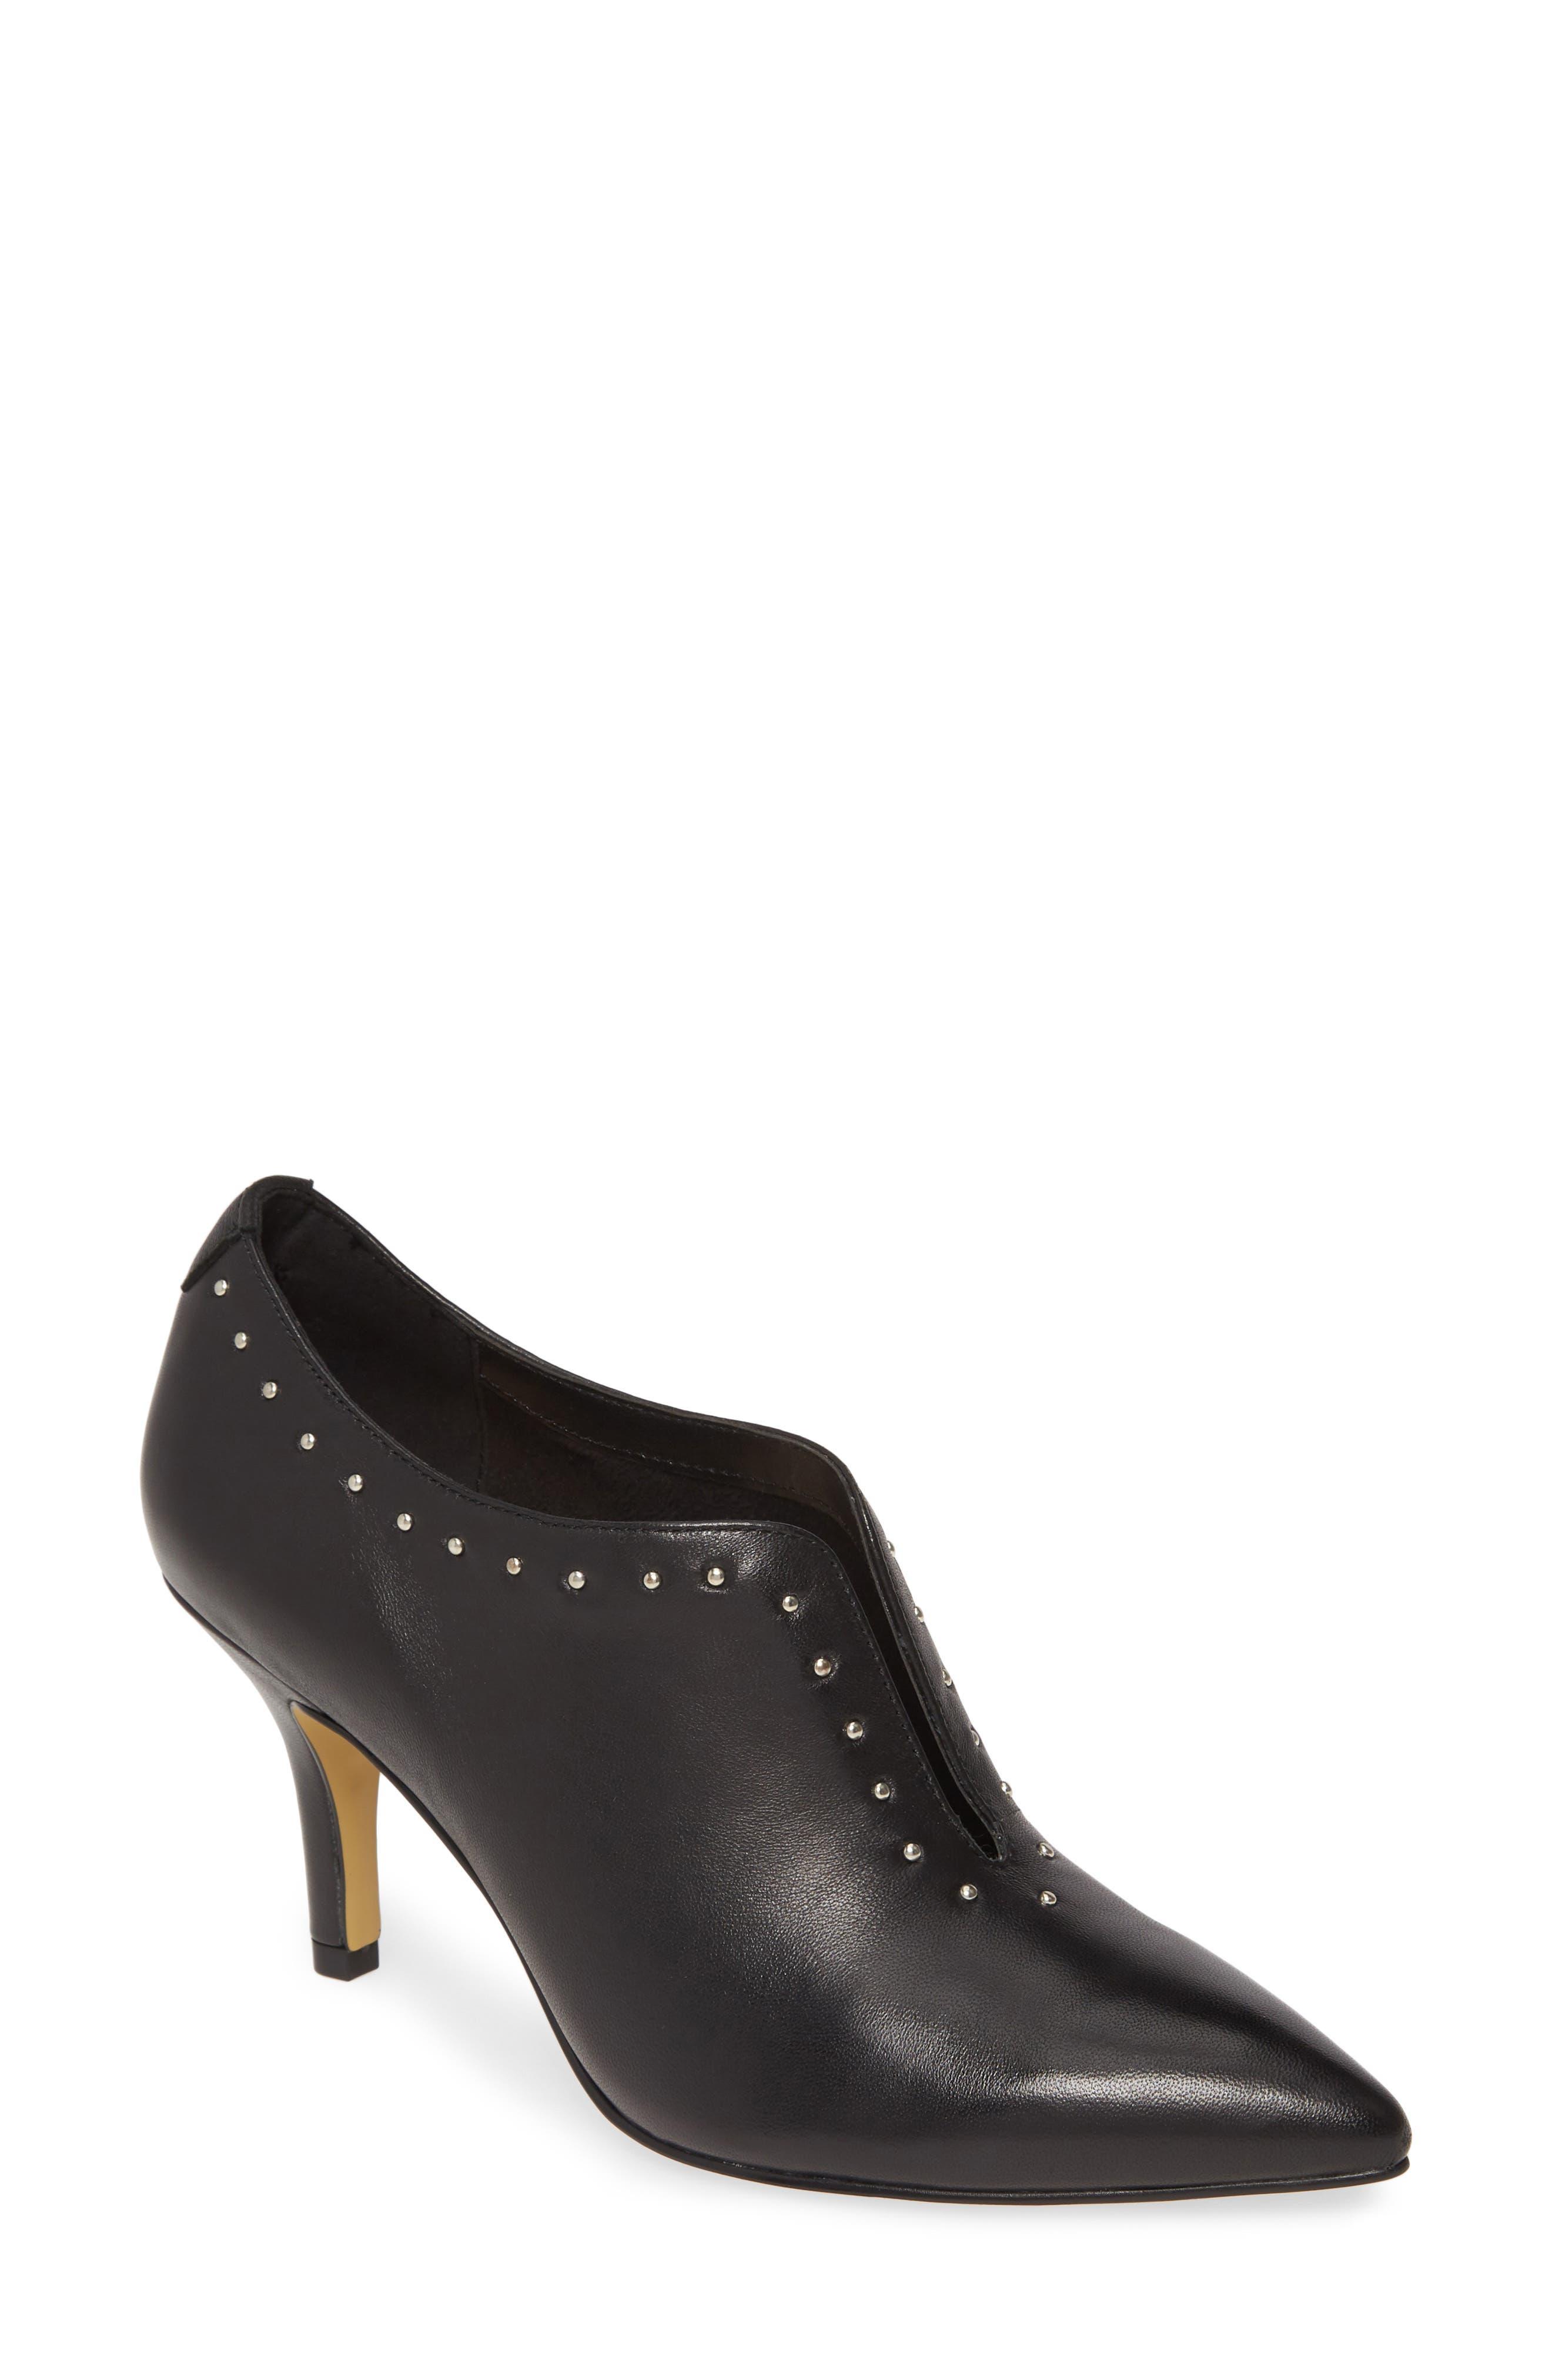 Bella Vita Dara Ankle Boot- Black